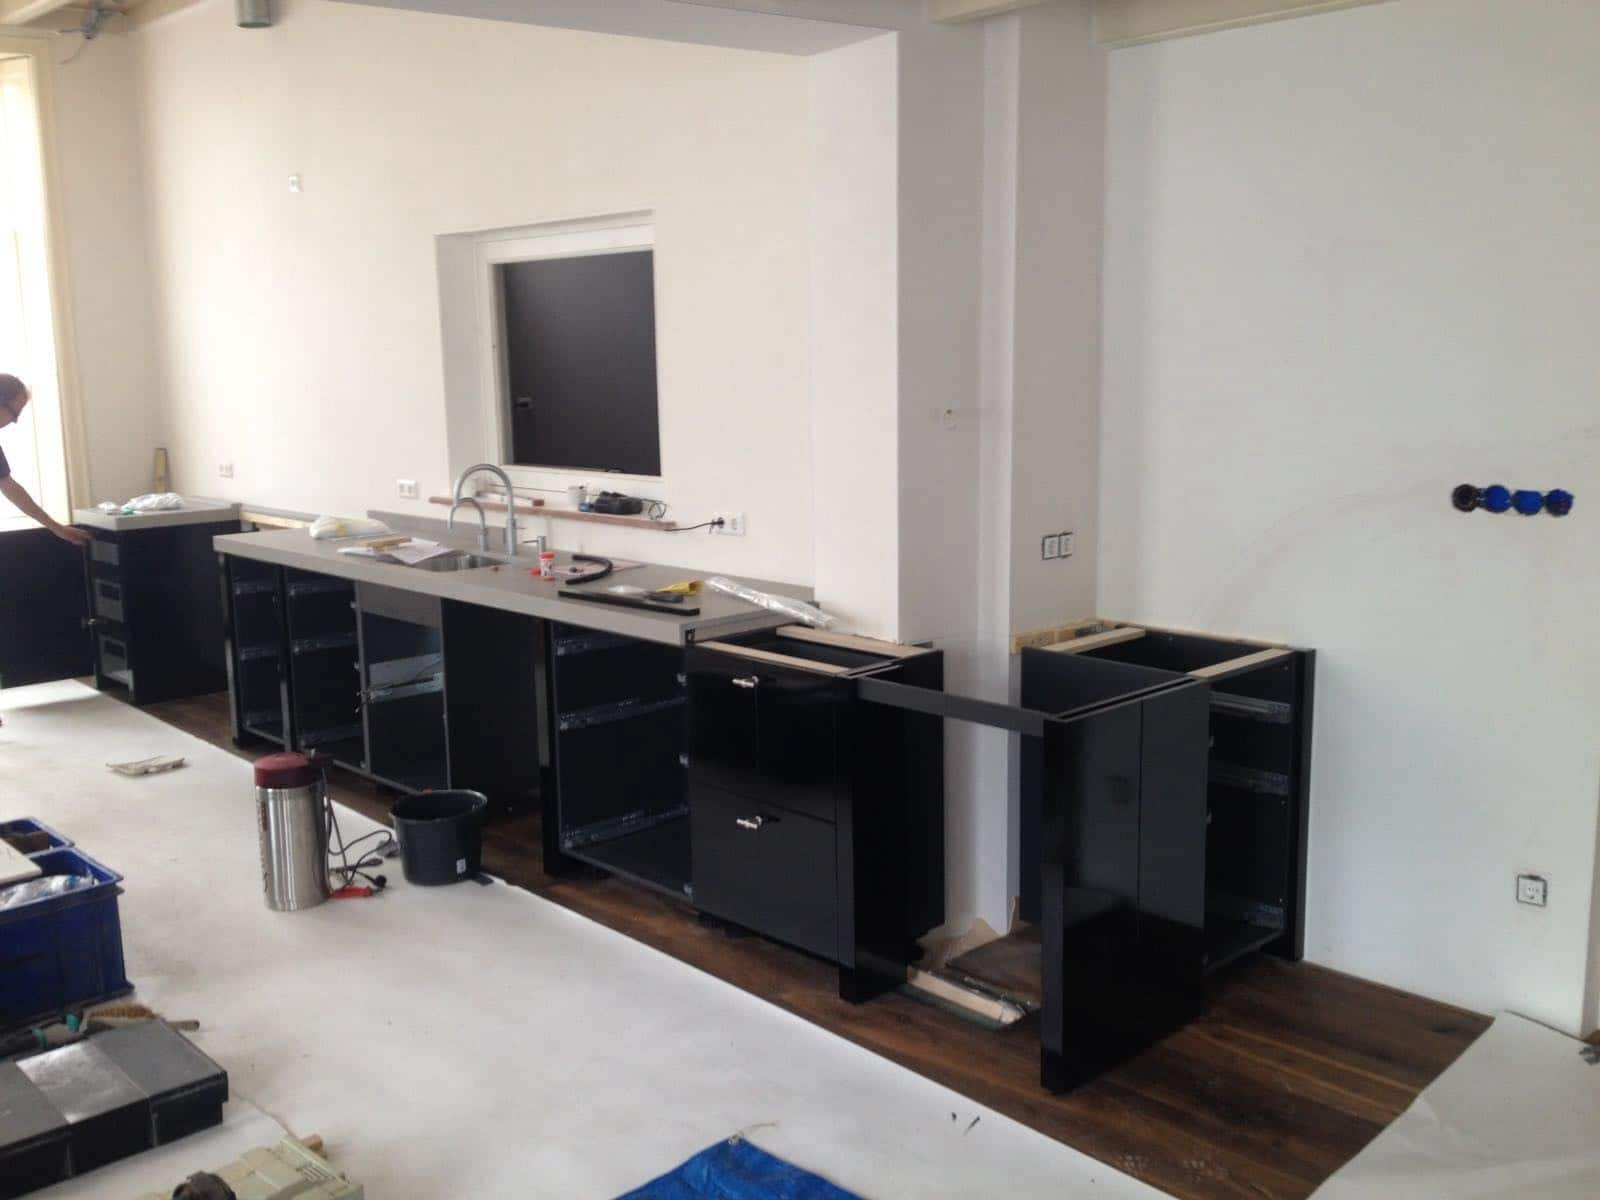 Bybeelen private label keuken in zwart hoogglans keukenstudio beelen